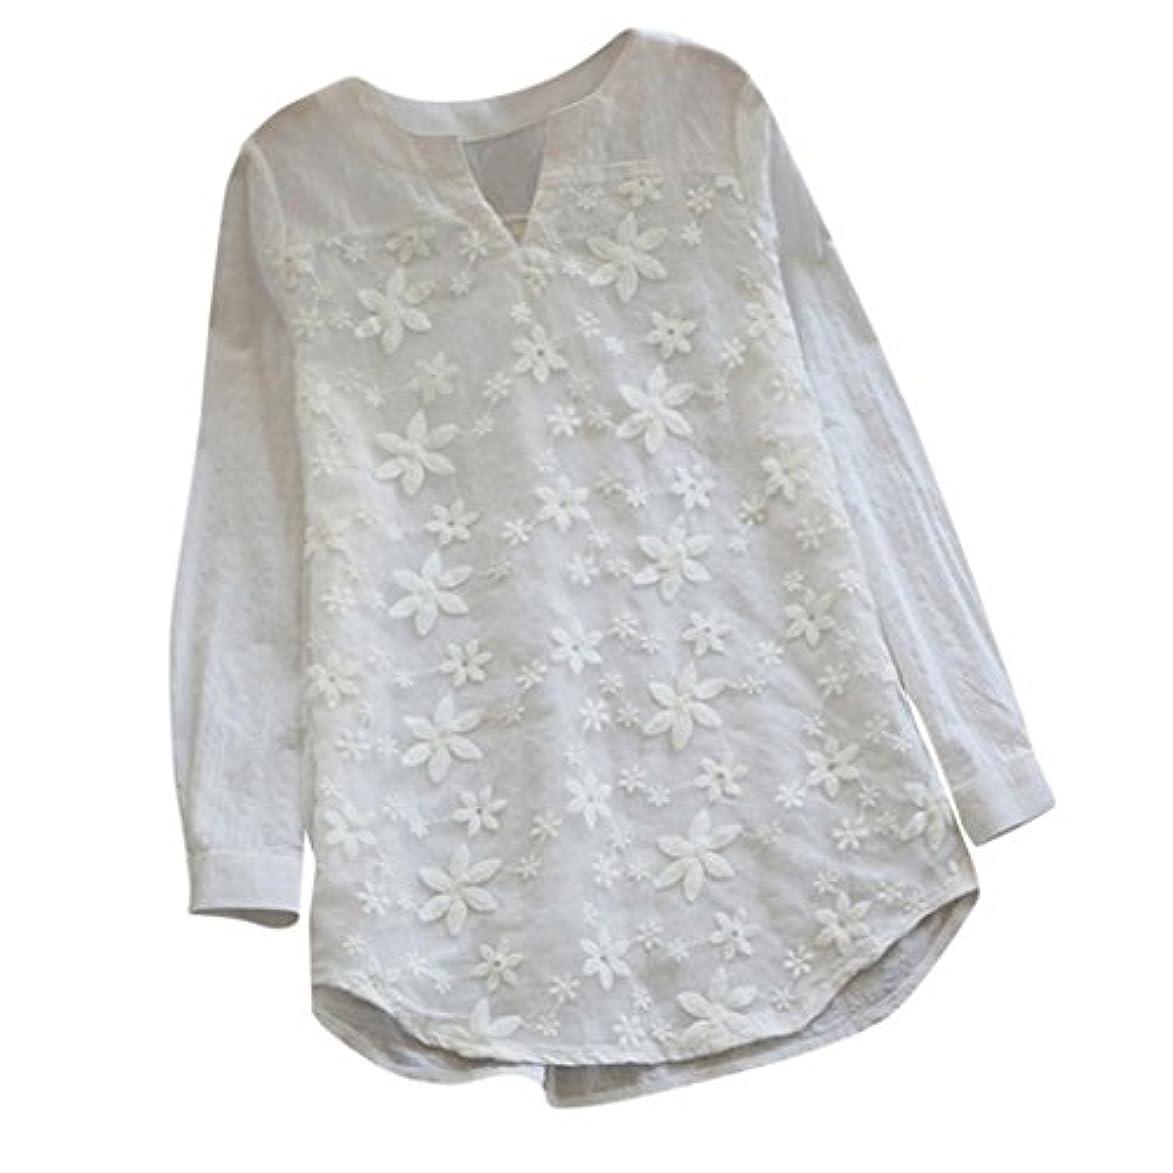 空いている情熱相対的Nevera レディース コットンリネン 花柄レース刺繍 Vネック 長袖 トップス シャツ ブラウス